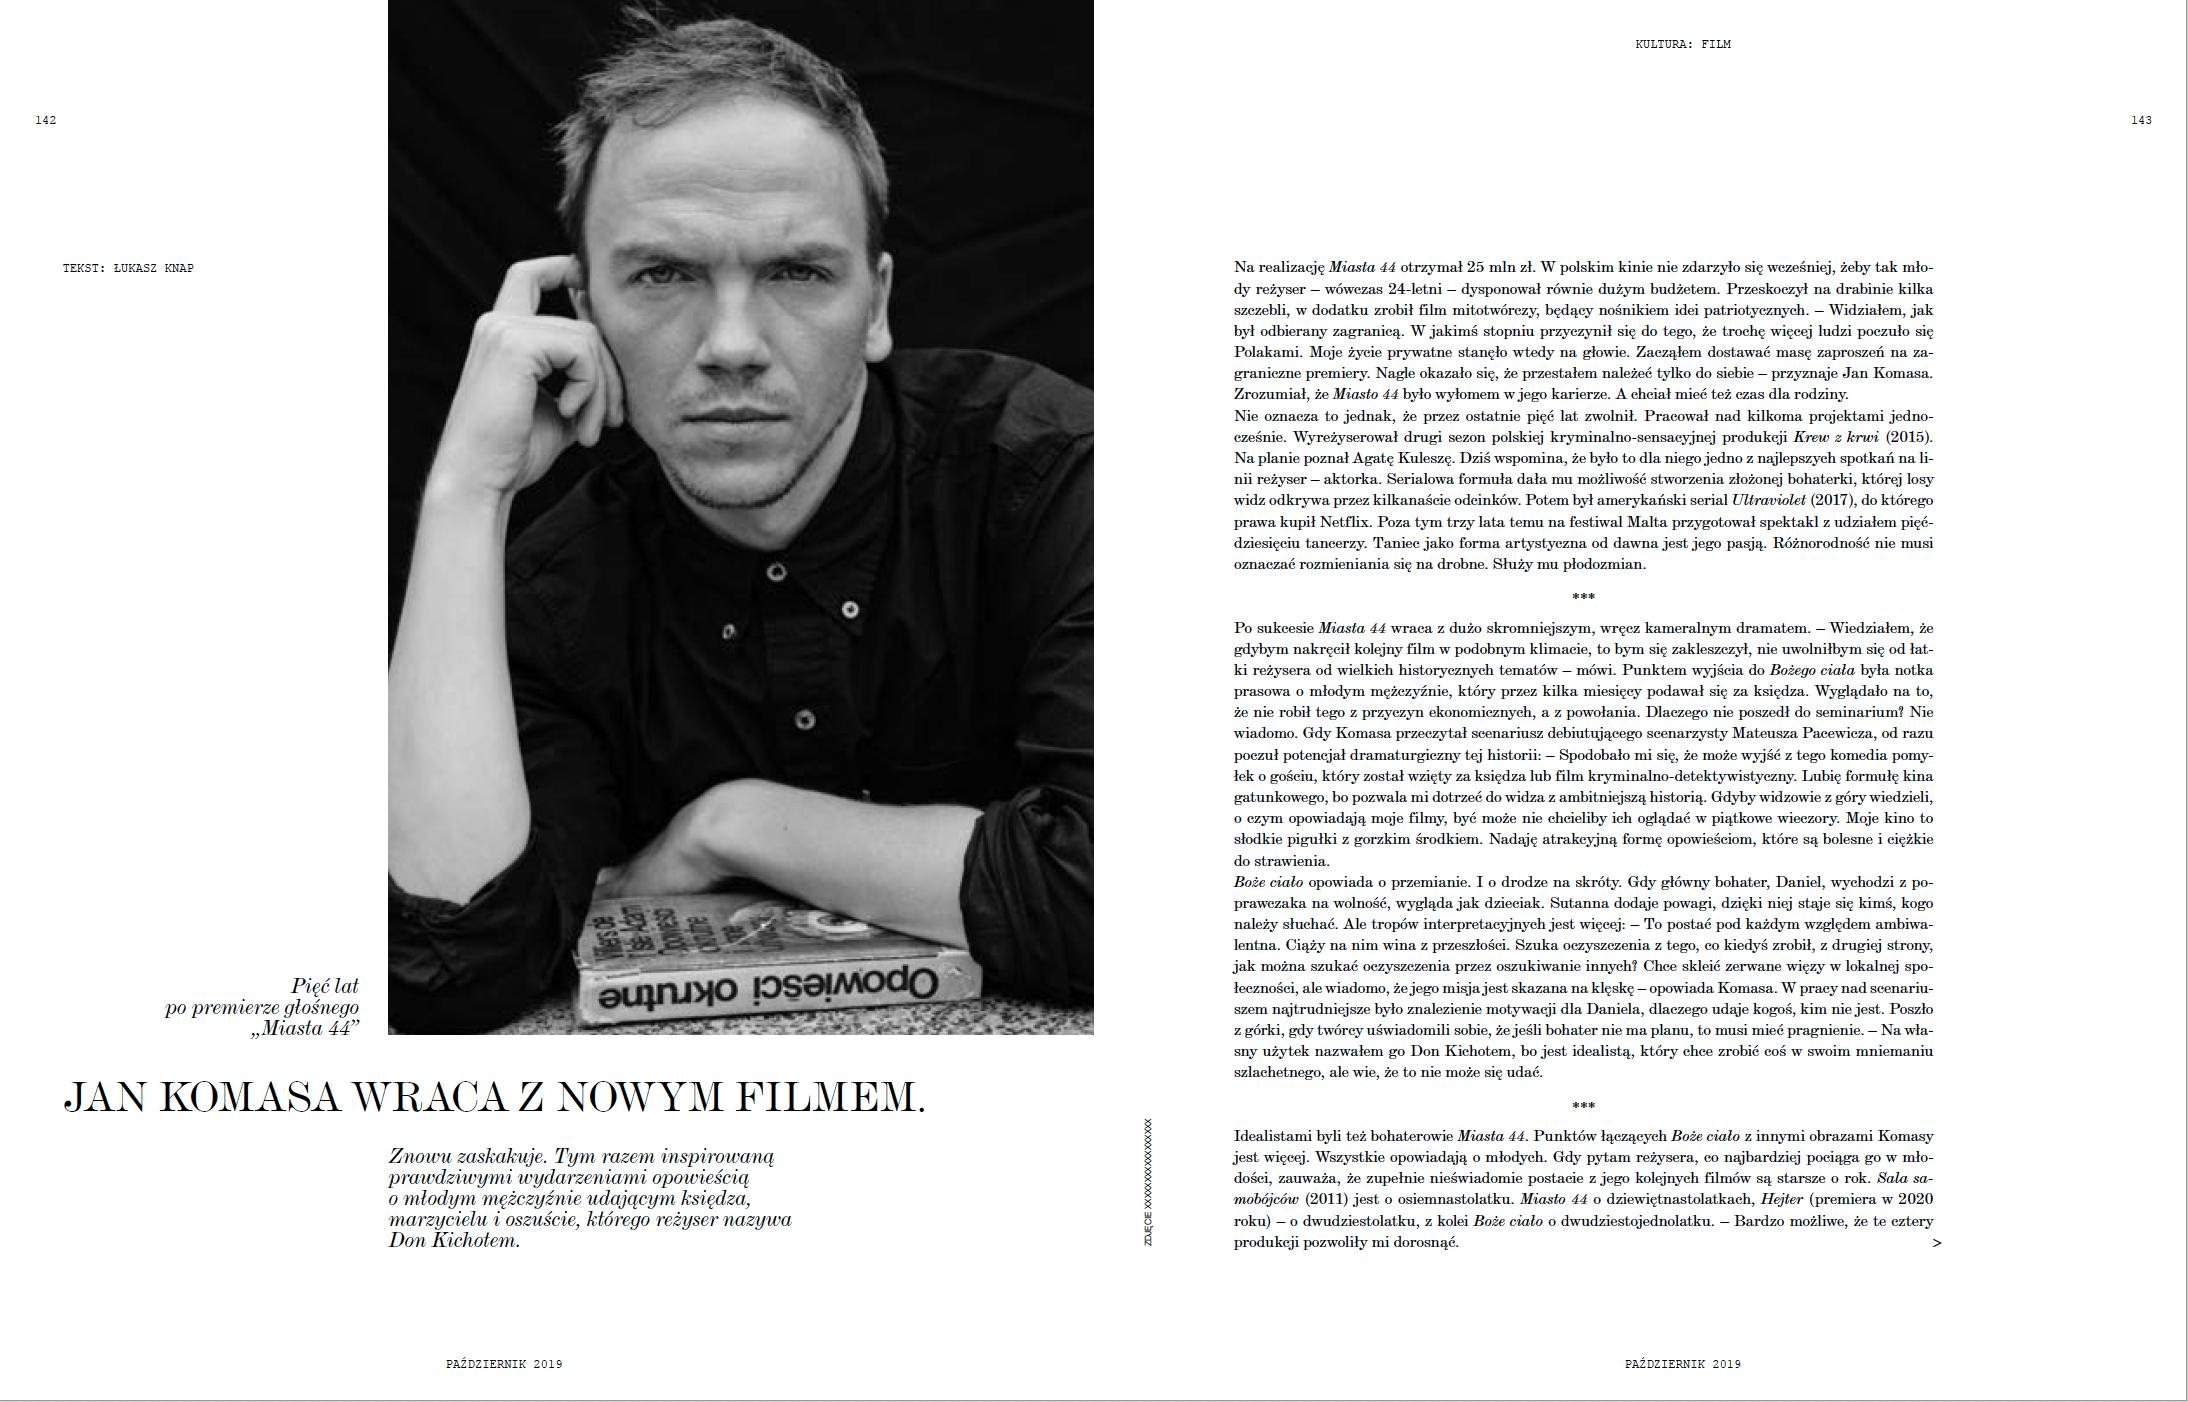 """Słodkie pigułki z gorzkim środkiem. O """"Bożym ciele"""" Jana Komasy w październikowym numerze """"Vogue Polska"""""""